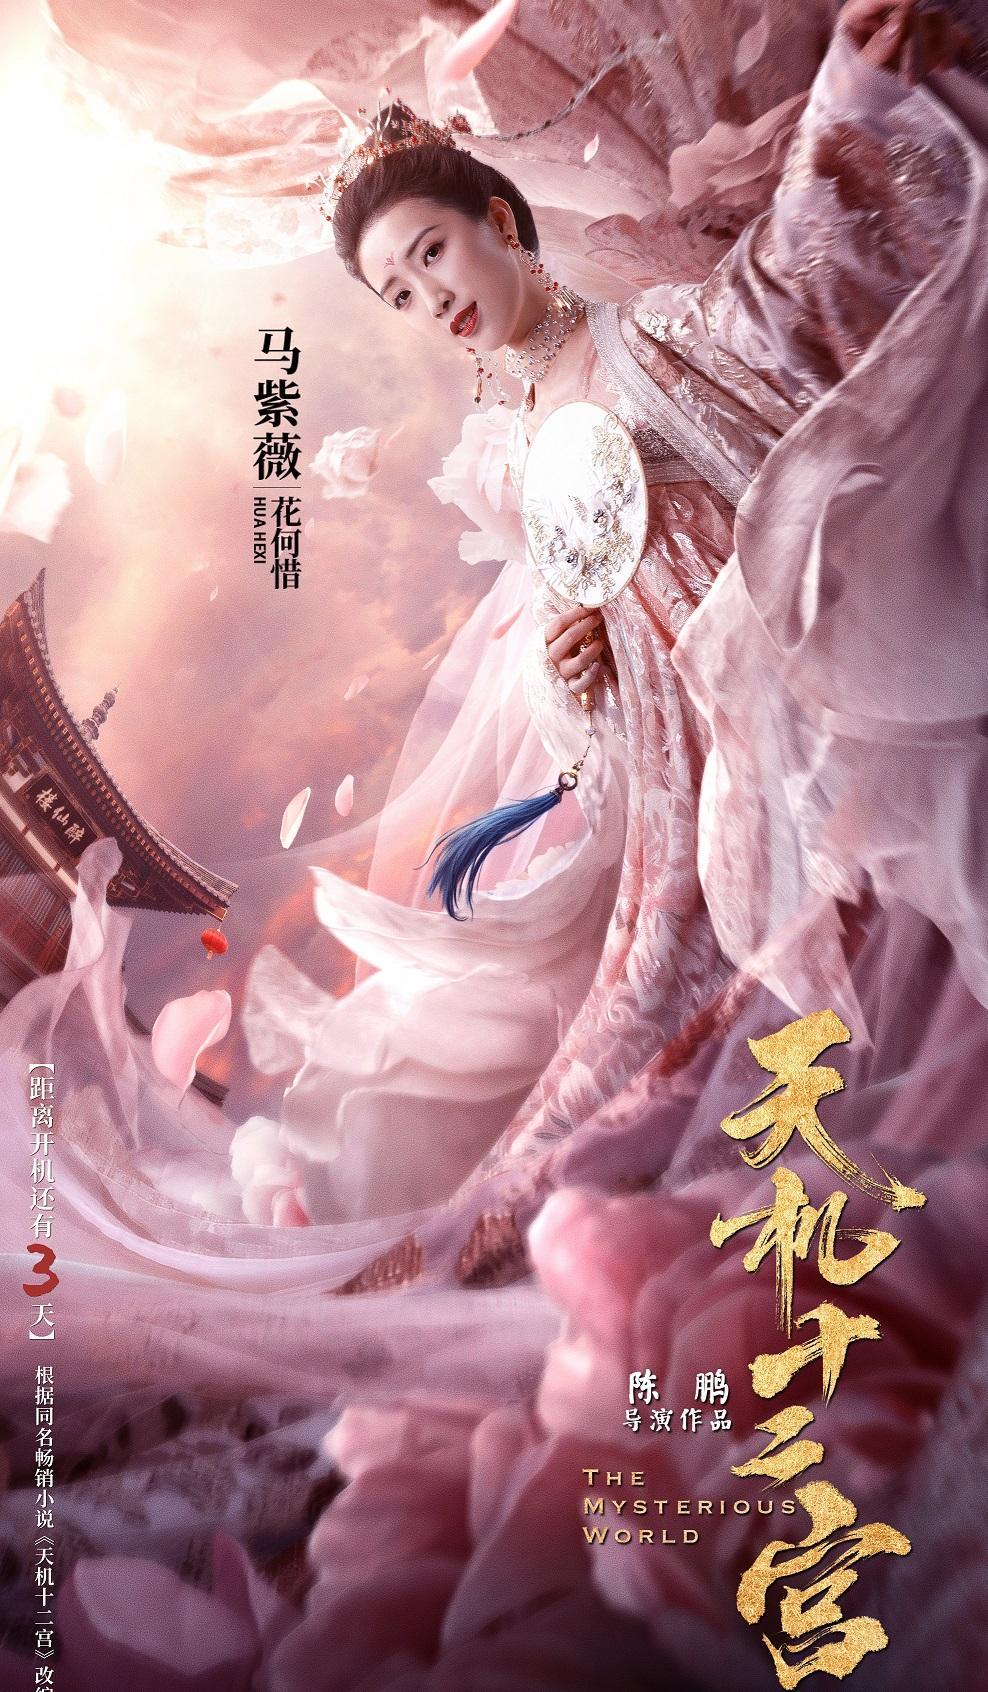 灵幻古风大剧《天机十二宫之诡局》海报来袭,剧情烧脑